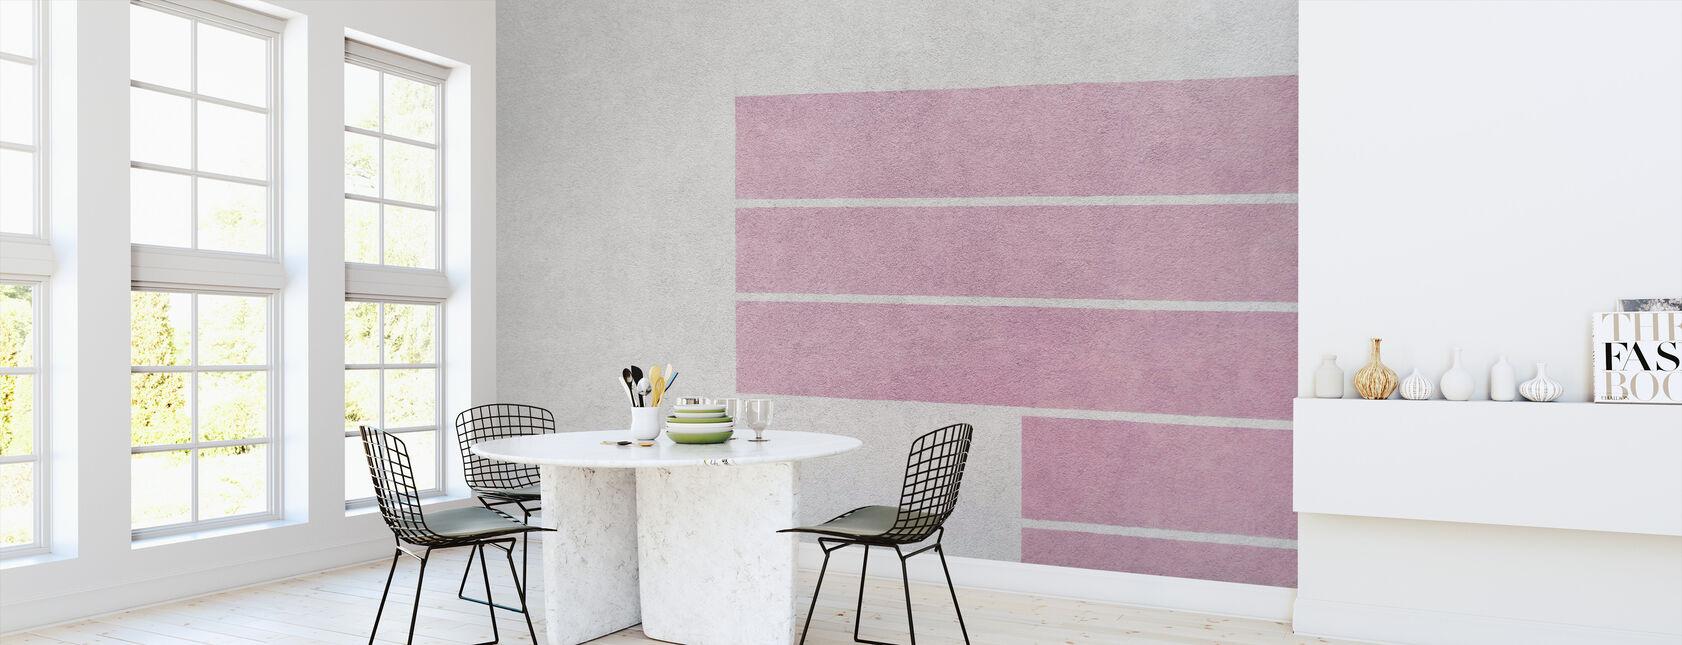 Wall Art Texture - Wallpaper - Kitchen